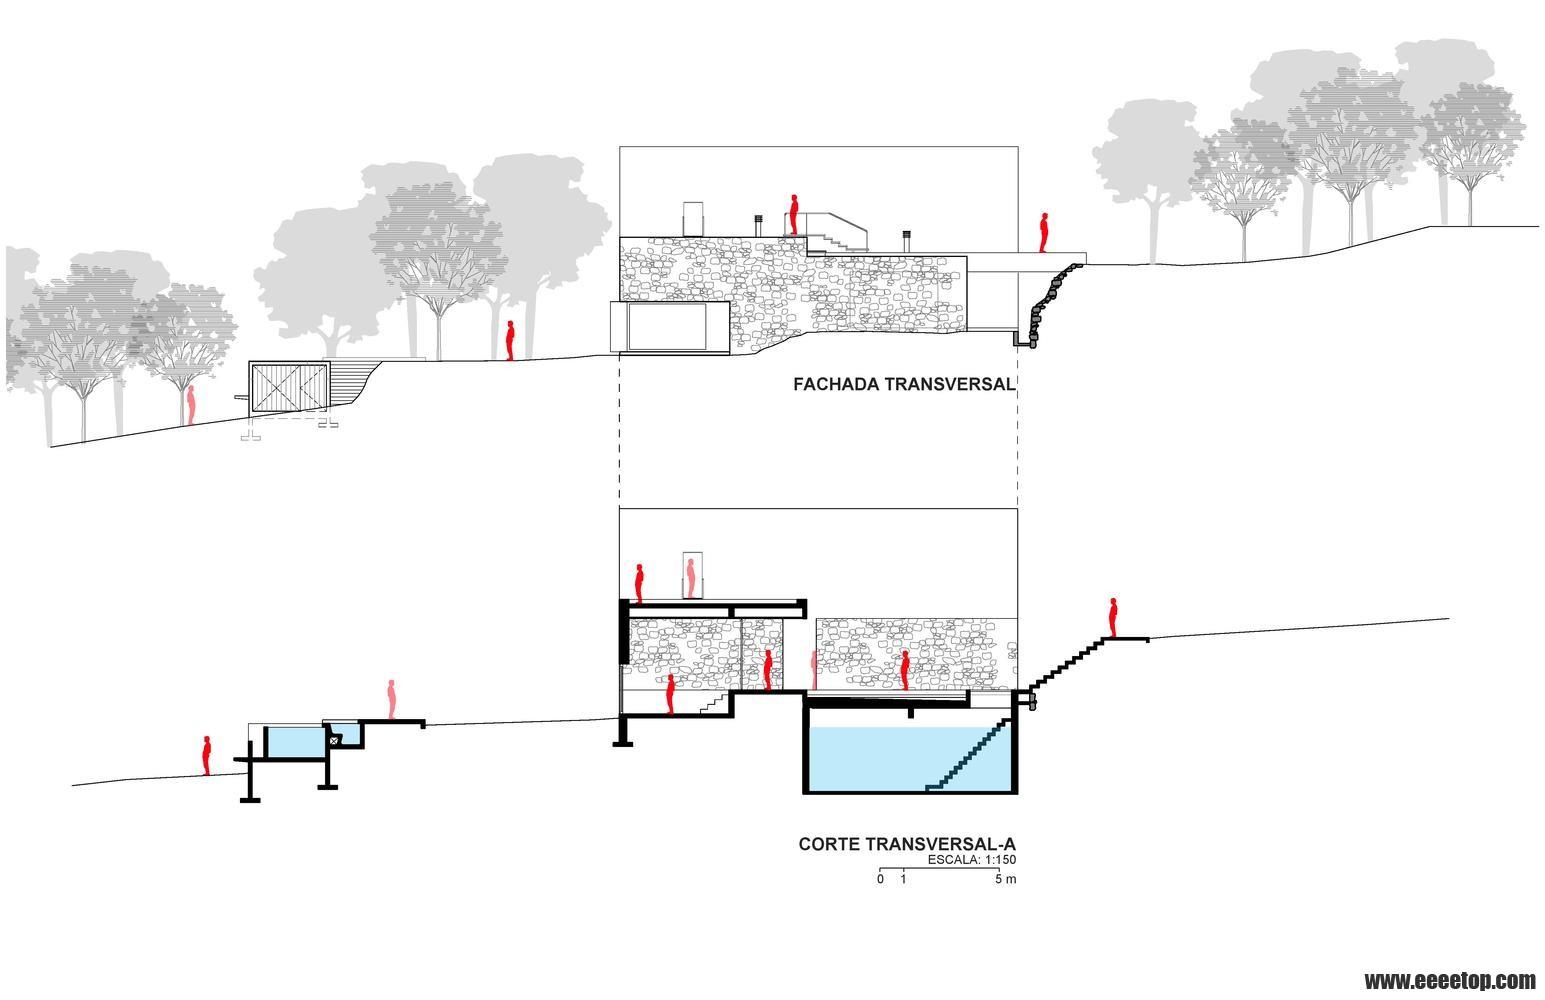 原文标题:Casa Meztitla / EDAA 墨西哥房子Casa Meztitla是对自然场景的一种干预,它展现了休闲的奢侈价值:热带天气、浓烈的阳光、大自然的味道,超过500多年的景观露台和永远存在的岩石山:El Tepozteco。它本身就自成语境。这个房子,建立在粗糙的石头上,低隐在繁茂的树木下,与覆盖着植被的石头斜坡对齐。它在自然空间中创造了一个纯粹的空间。它有一个内向的生活空间,却不断向周围环境开放。只有两个元素向外部世界揭示其存在:丰富多彩的簕杜鹃花隐约地呈现在茂密的树叶间,这标志着该生